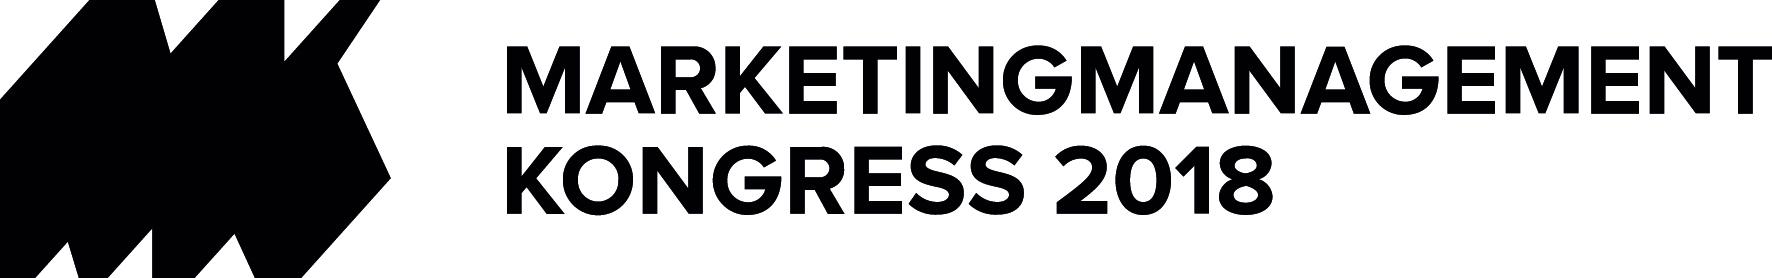 marketing-management-kongress-2018.jpg